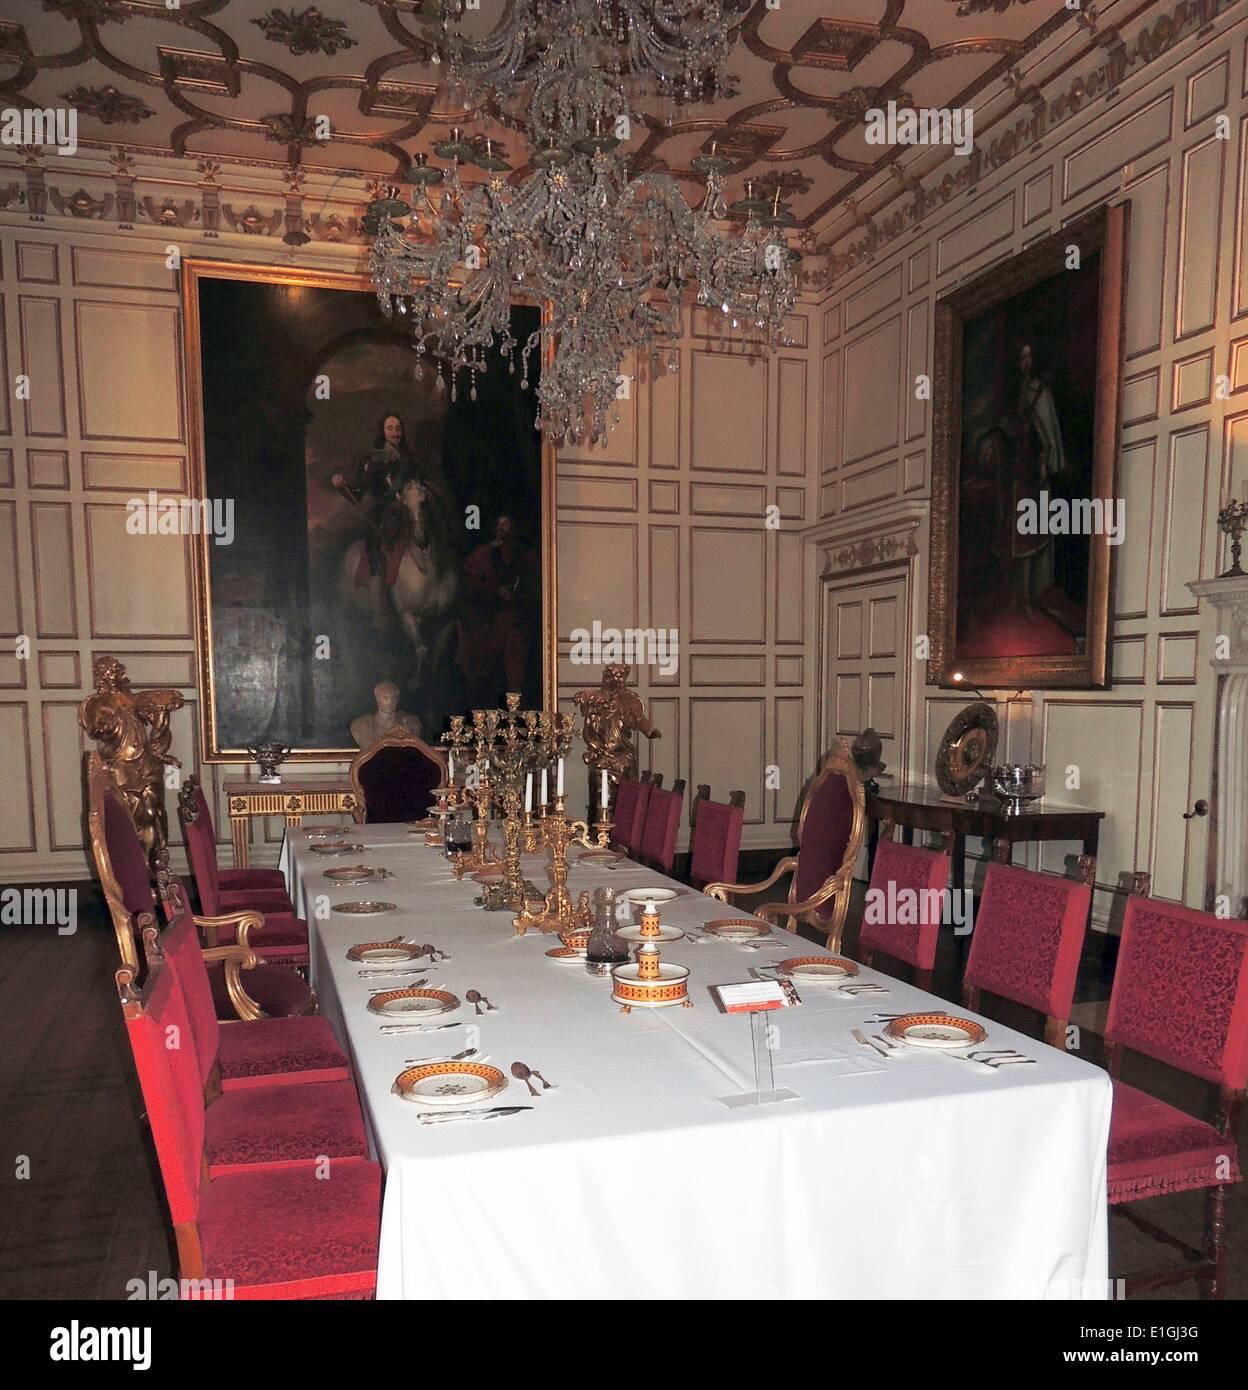 Jacobiana seicento inglese formale sala da pranzo con tavolo e sedie ...